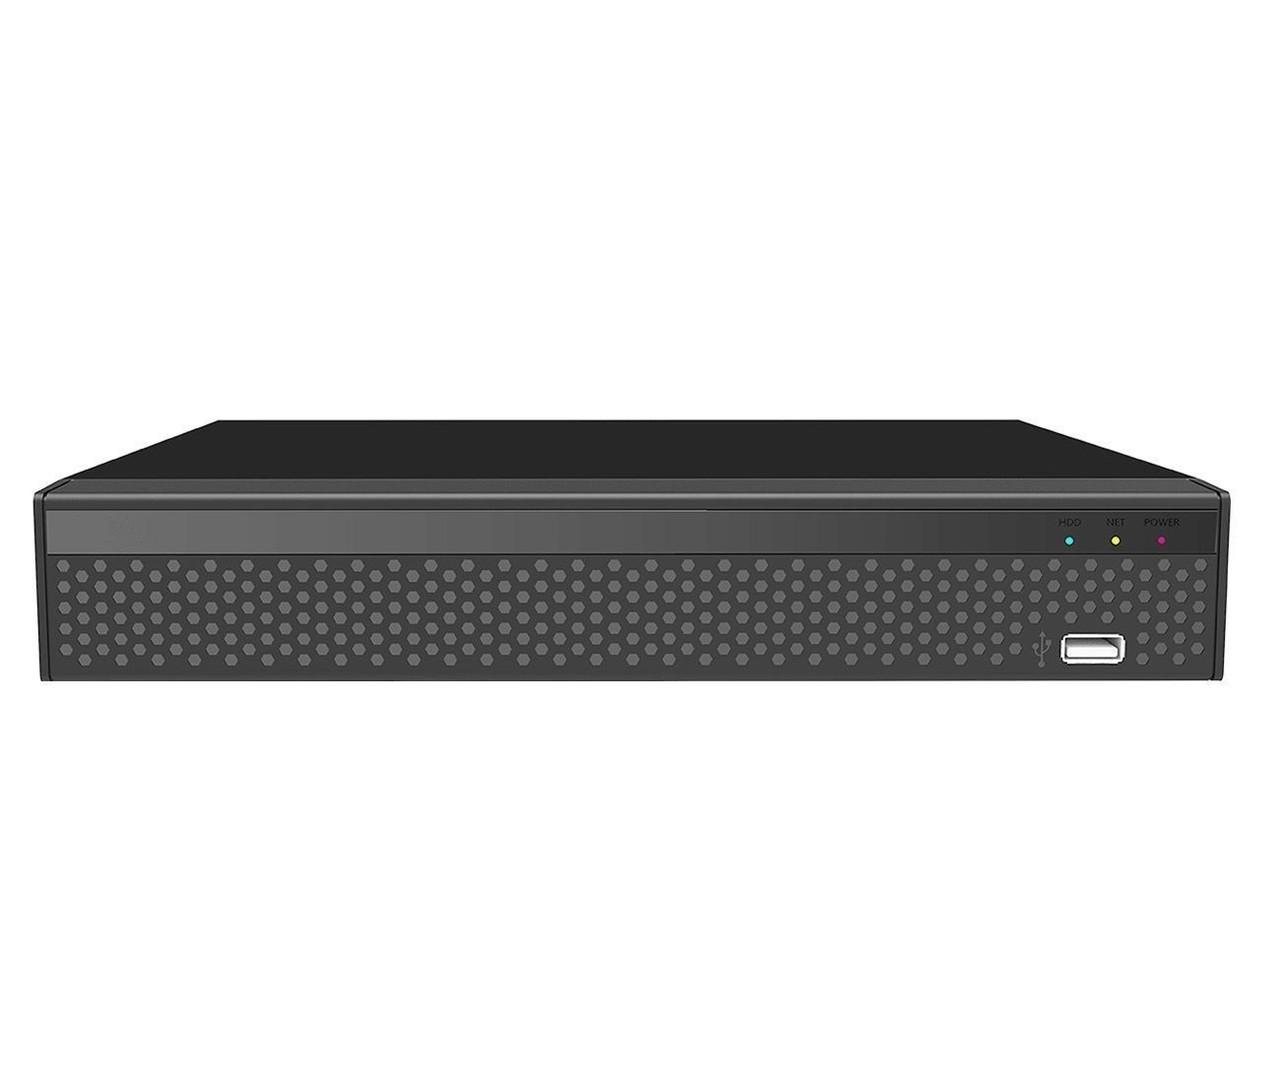 Видеорегистратор CoVi Security XVR-4500-4K